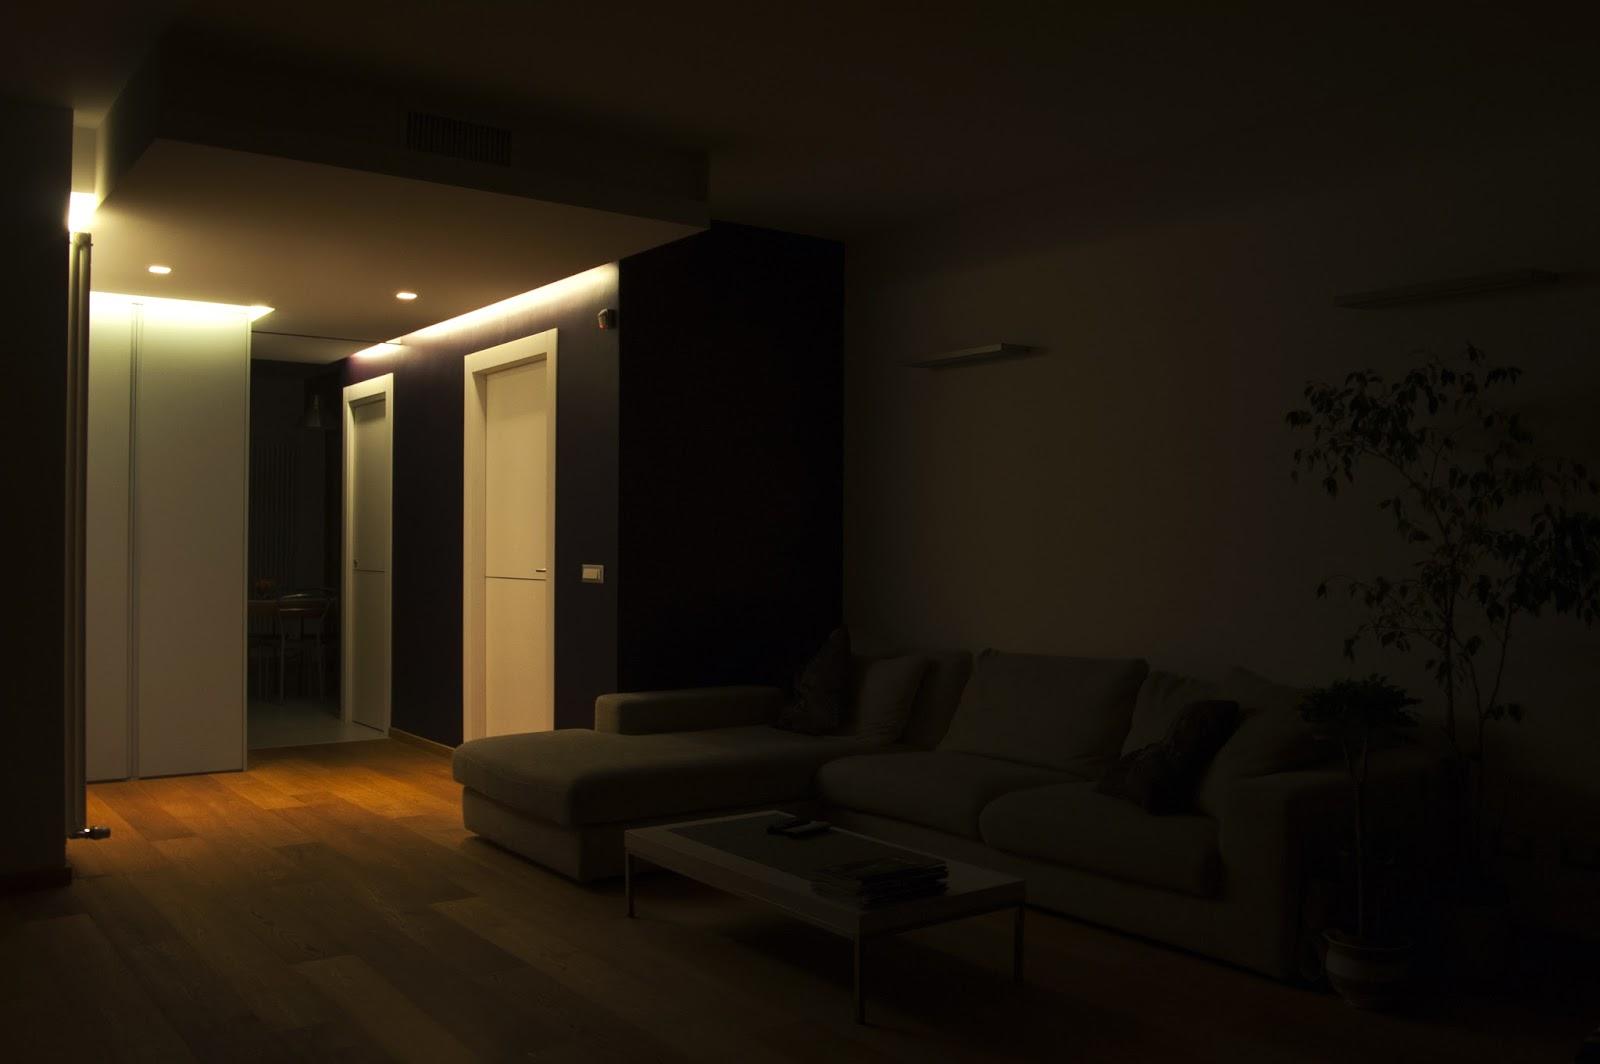 Luci soggiorno led idee per il design della casa - Luci a led casa ...